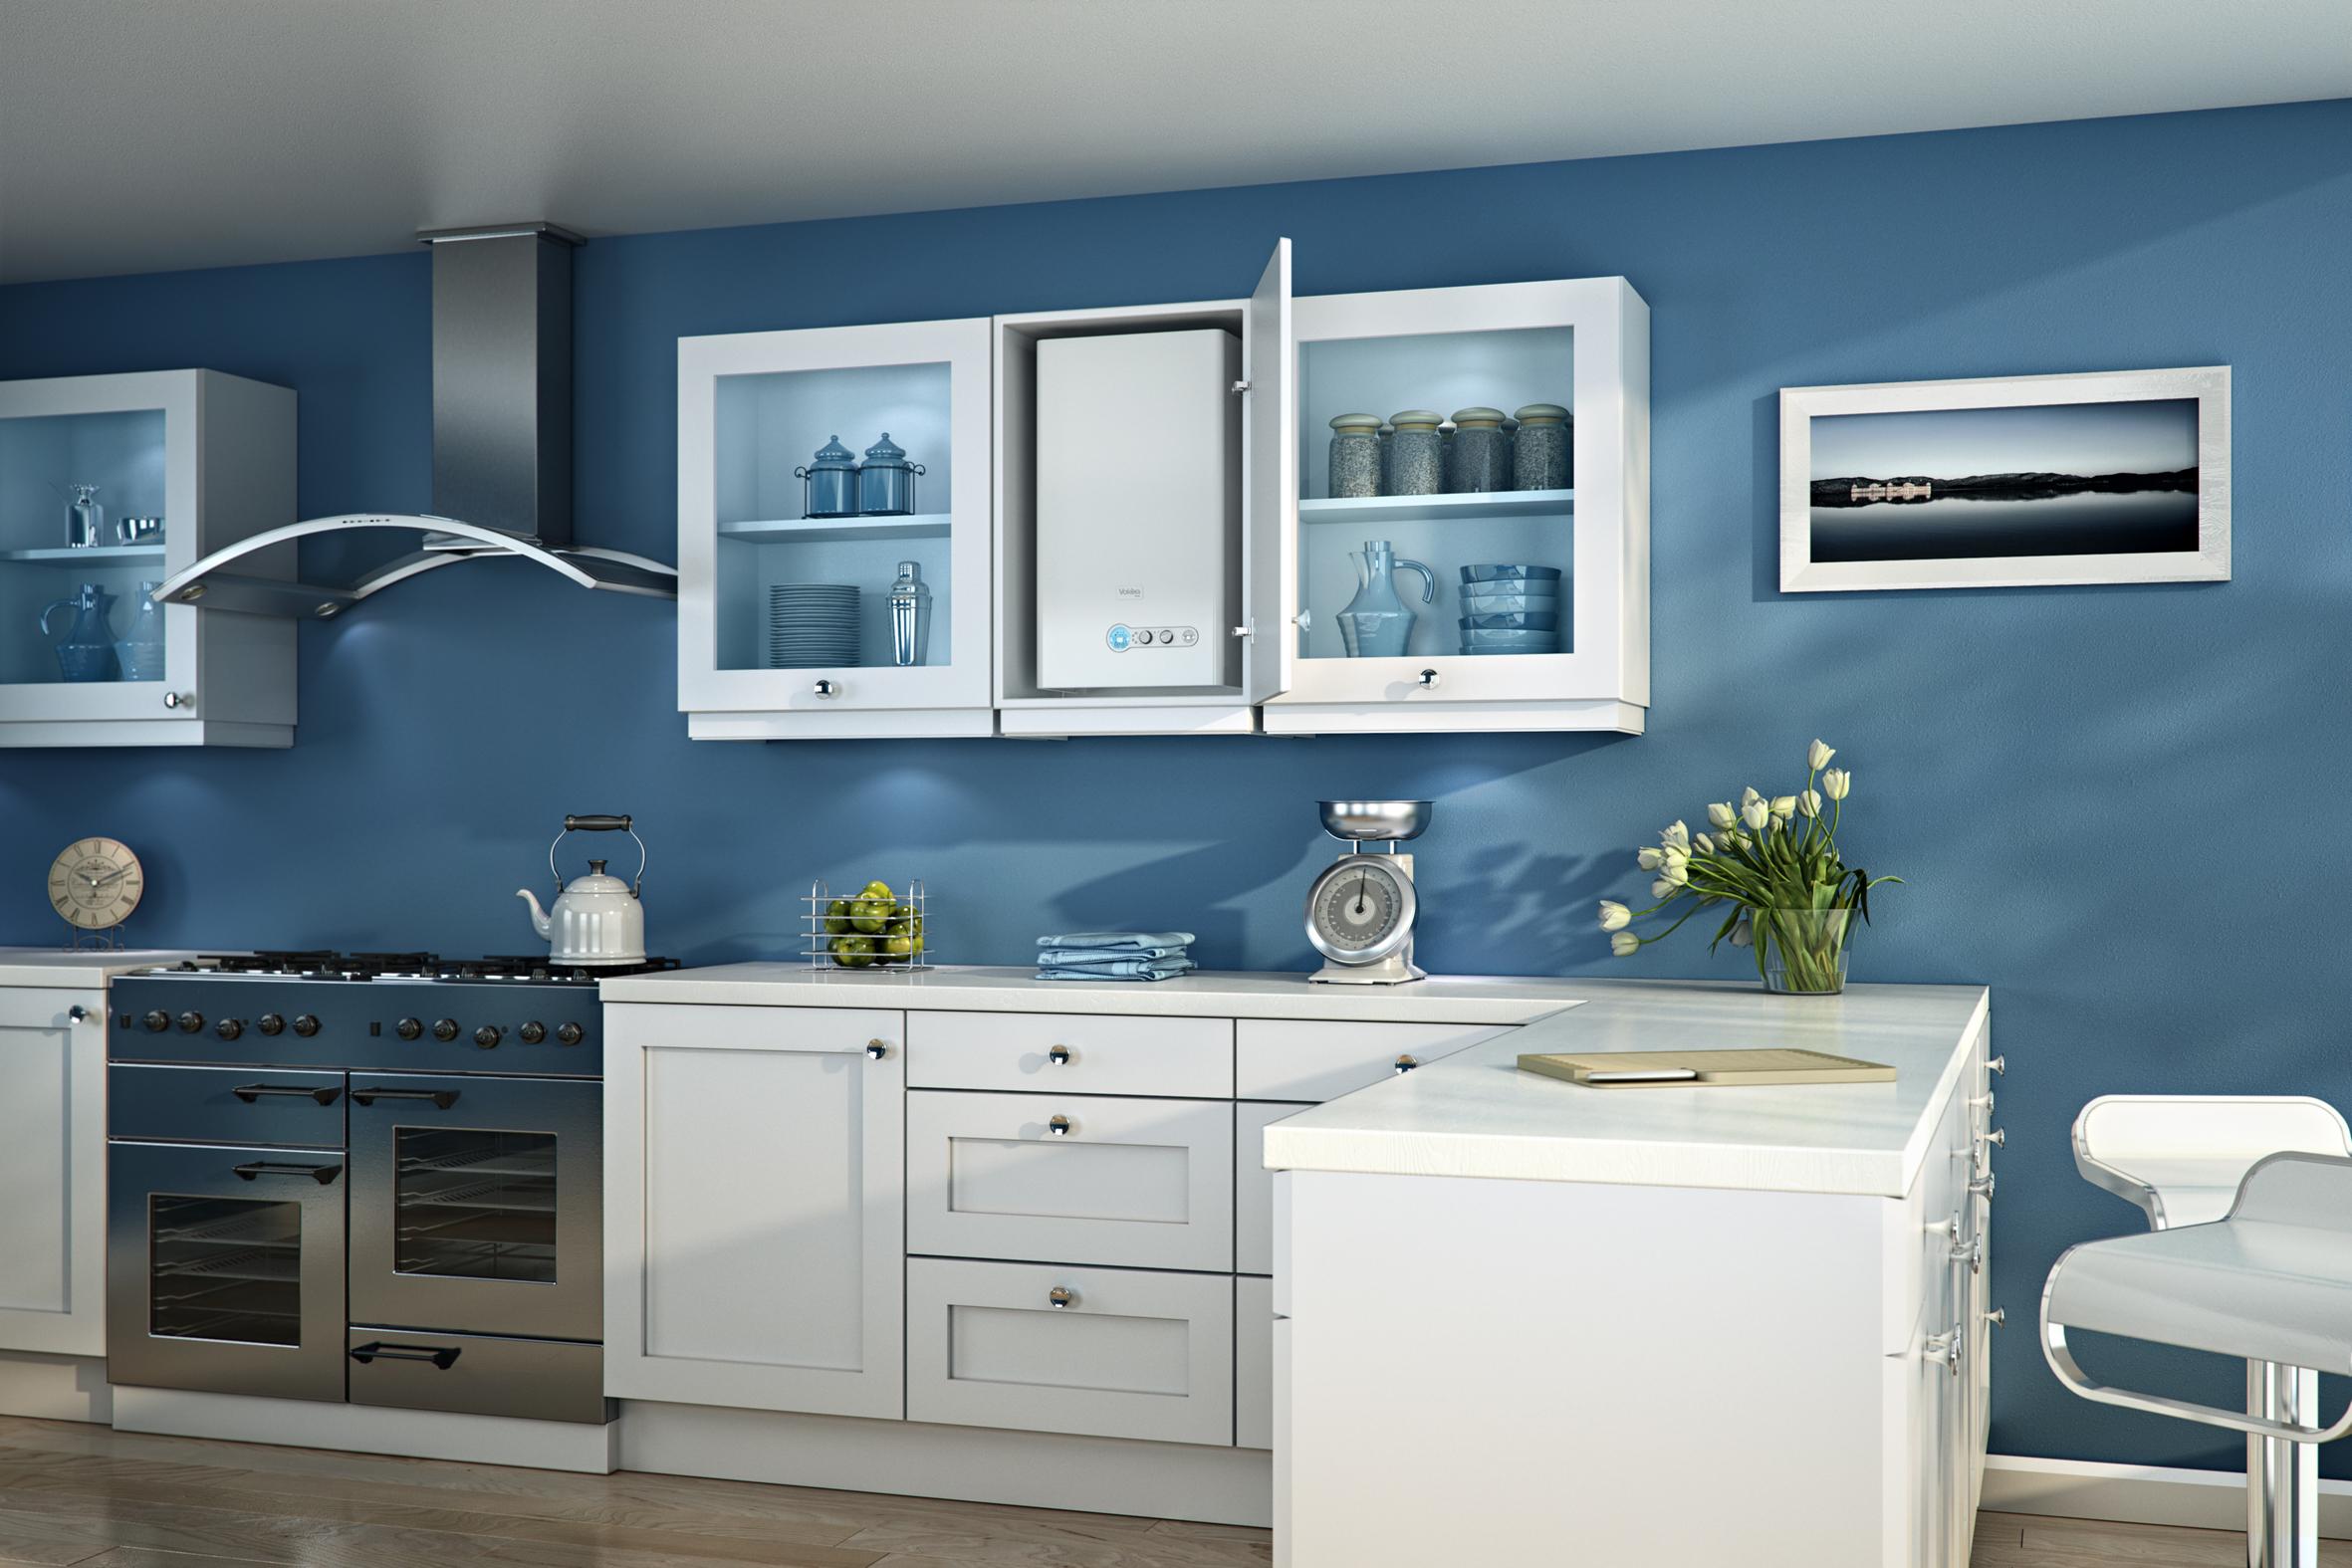 廚房壁掛柜和灶臺裝修效果圖